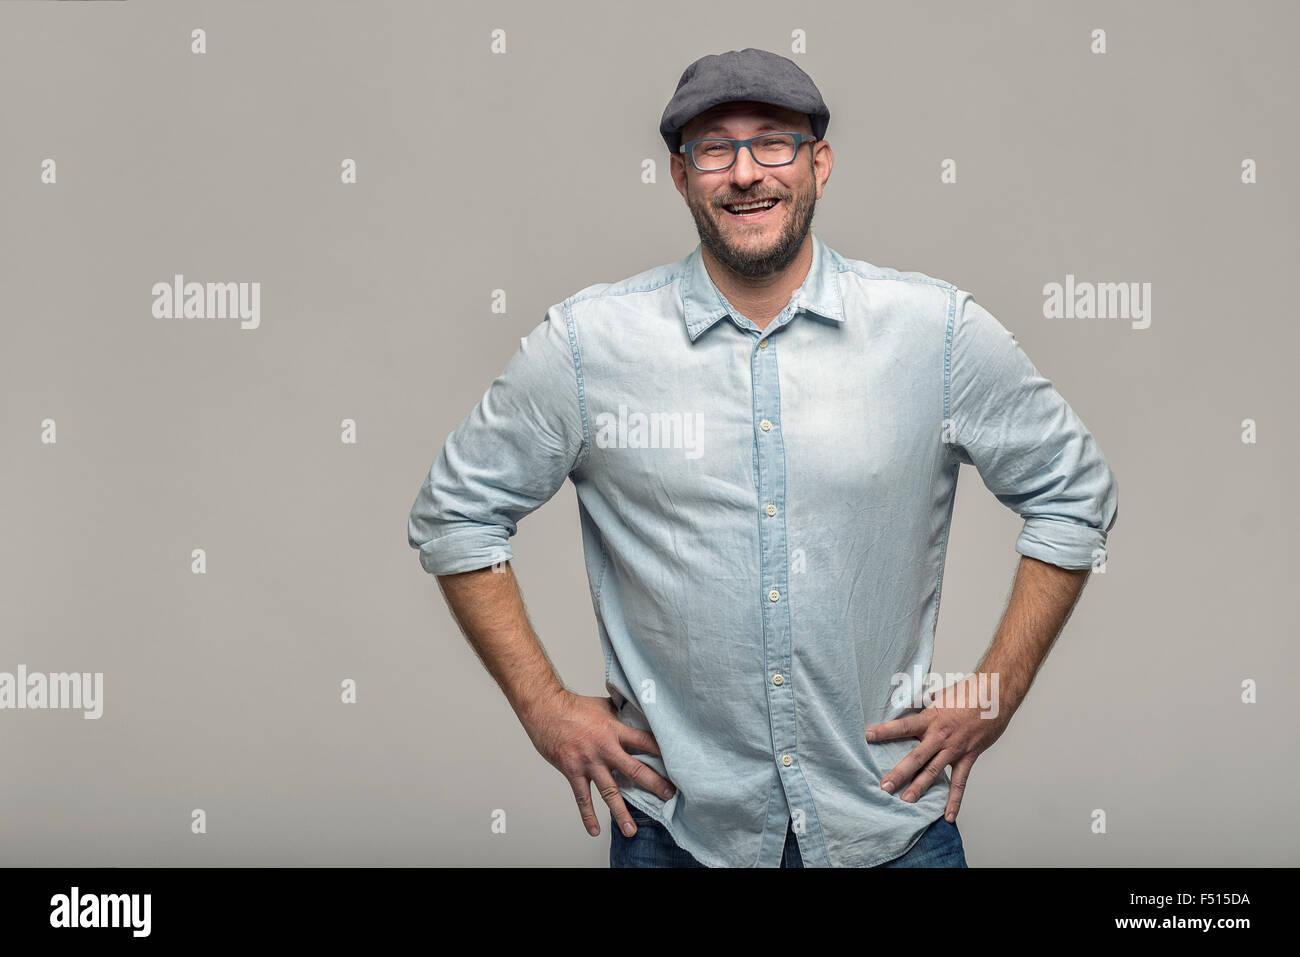 Gentile uomo attraente con gli occhiali guardando la telecamera con un bel sorriso caldo, la parte superiore del Immagini Stock